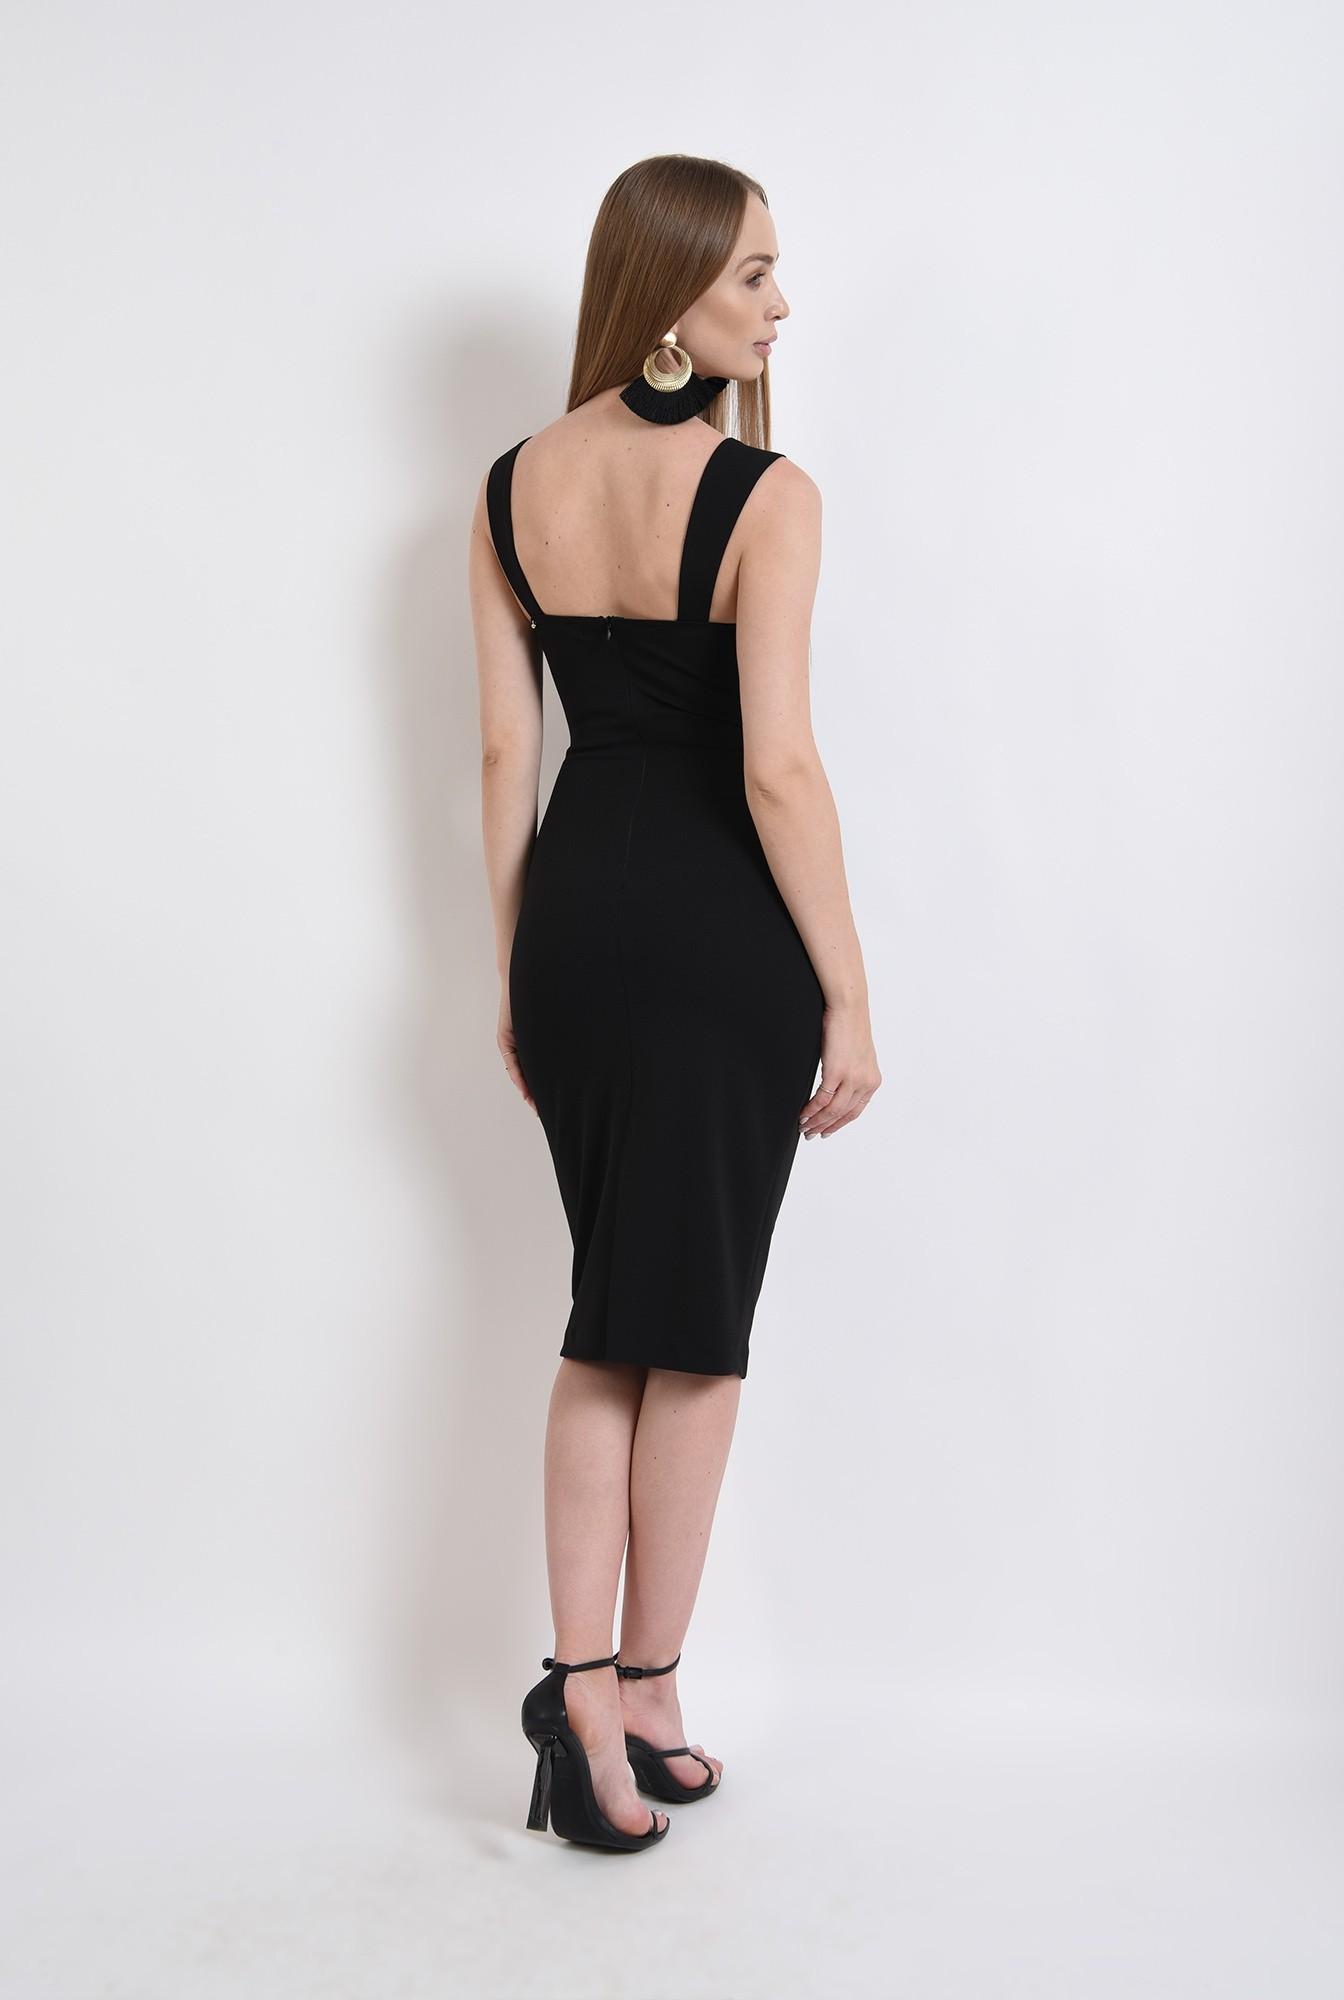 2 - rochie neagra, midi, conica, cu push-up